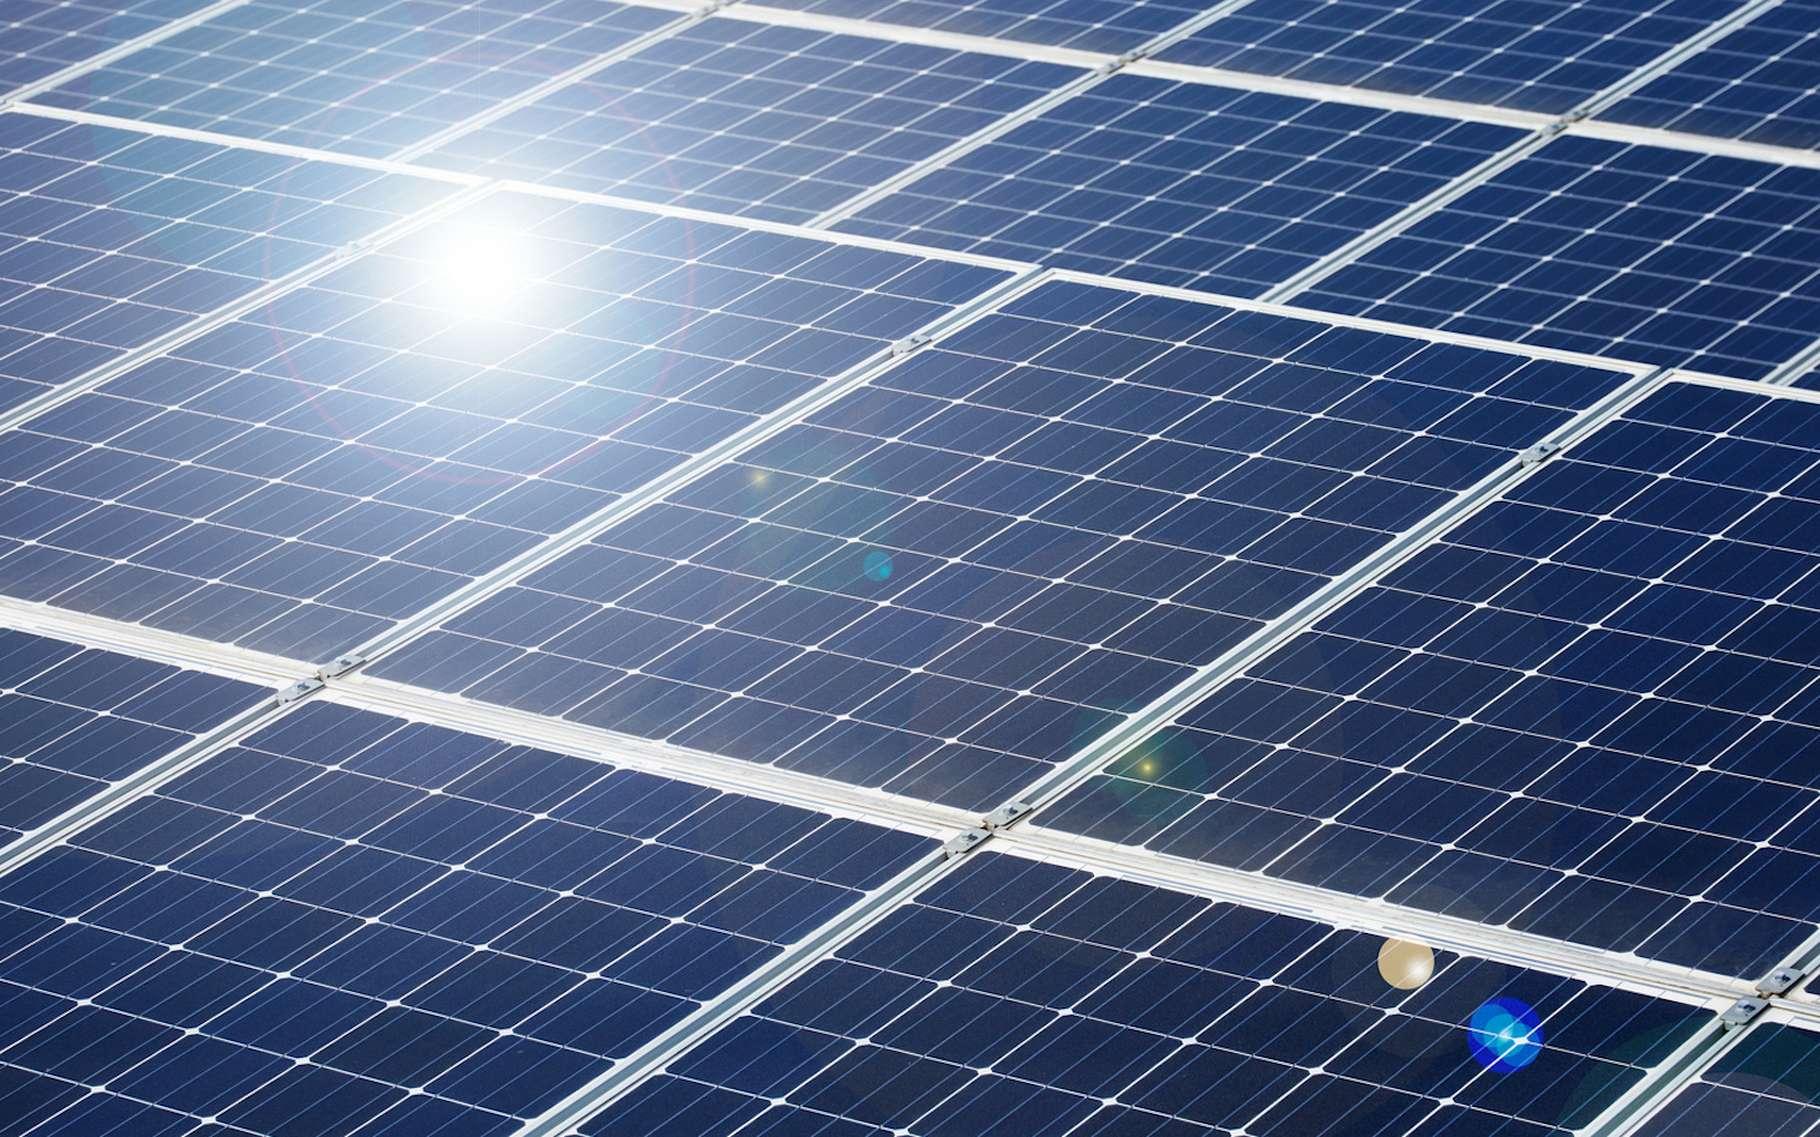 En transformant le rayonnement infrarouge en lumière visible, des chercheurs des universités de Harvard et de Columbia (États-Unis) espèrent améliorer l'efficacité de différentes techniques comme celle des panneaux solaires photovoltaïques. © siro46